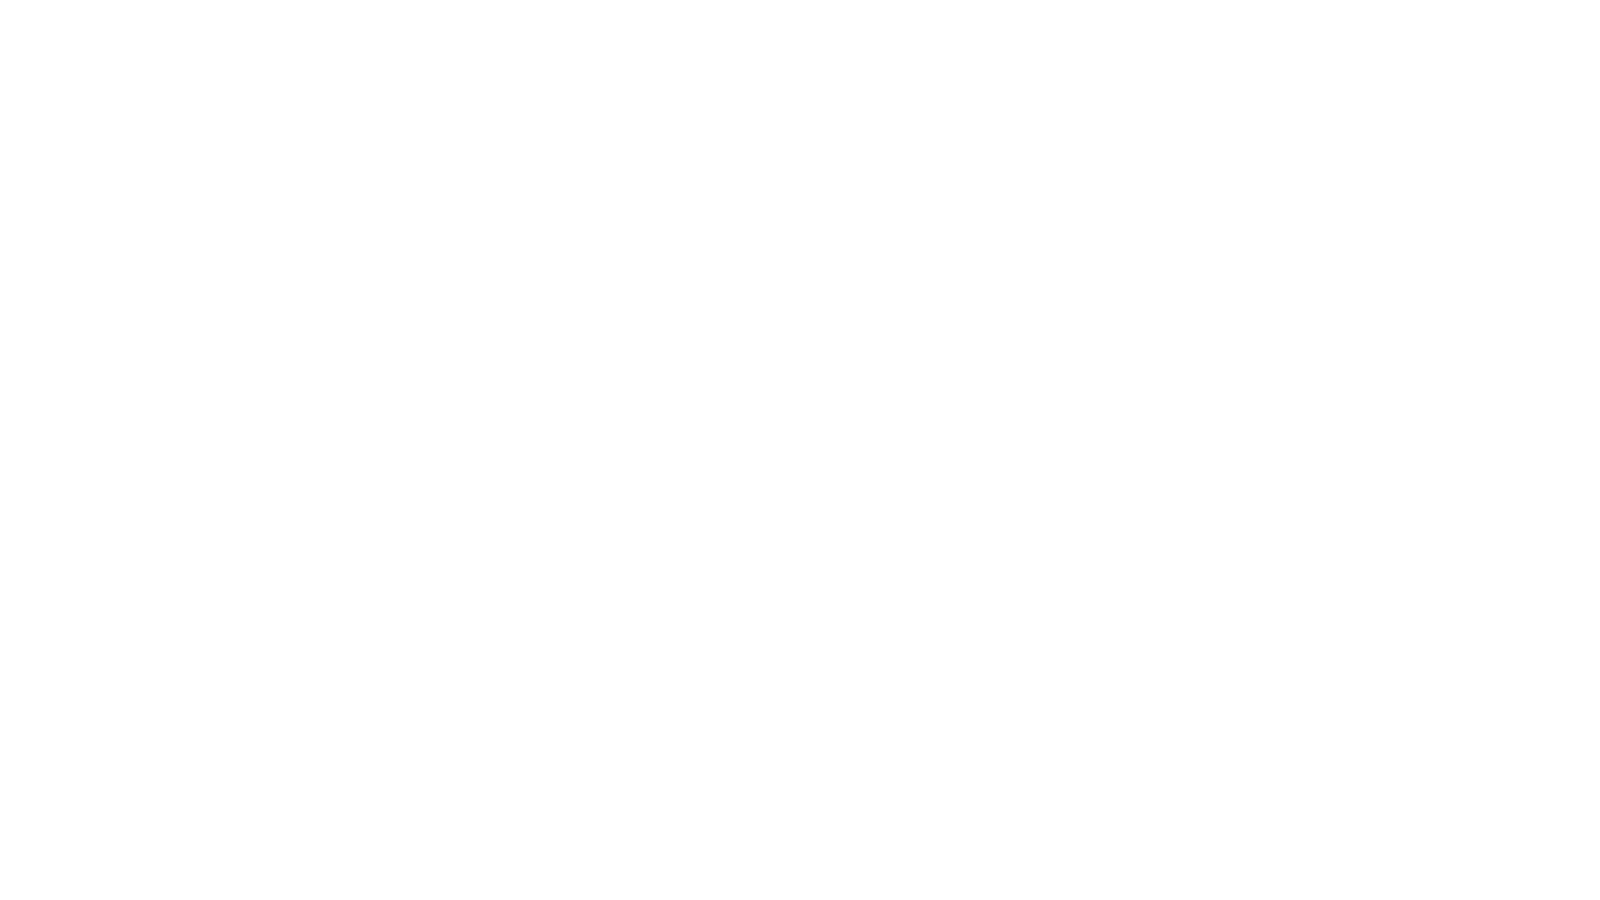 🔴 SUSCRÍBETE AQUÍ 👉 https://bit.ly/2MwA3qH ✅ HAZTE MIEMBRO 👉 http://bit.ly/2JSVGnj 🔵 25% MYPROTEIN (código: DENILBASEMP) 👉 http://bit.ly/denilbasemp  En el vídeo de hoy traemos una rutina cardio jump 17 minutos para quemar grasa rápido. Es un entrenamiento que podéis hacer sin material y en un espacio reducido, por lo que viene perfecto si aún seguís de cuarentena (o simplemente queréis entrenar en casa).  En esta rutina de cardio 17 minutos realizaremos un conjunto de ejercicios (8 en total), los cuales pondremos en práctica utilizando la metodología HIIT, es decir, para cada ejercicio efectuaremos 30 segundos de trabajo seguidos de 10 segundos de recuperación. Realizaremos un total de 3 series o rondas (sin descanso).  Todos los ejercicios que componen esta rutina cardio con saltos para perder peso en casa se pueden previsualizar durante la reproducción del propio vídeo.   Nos encontramos ante un trabajo excelente para perder grasa gracias a la aceleración que este cardio jumping 17 minutos produce en nuestro metabolismo, haciendo que quememos más calorías no solo durante el entreno, sino también durante varias horas después del mismo. Así, si te preguntas cómo adelgazar rápidamente, con estos ejercicios cardio con saltos estarás en el camino correcto.  De este modo, si eres de l@s que no tiene tiempo para entrenar y tu objetivo es quemar grasa rápido y mantener una adecuada tonificación en tus músculos, prueba esta rutina cardio con saltos para quemar grasa rápido. No existen excusas para no invertir 17 minutos al día. Además puedes hacerlo en casa, ya que no necesitas material ni máquinas. Puedes hacer esta rutina cardio saltos para perder peso de 3 a 4 veces por semana. Si eres capaz, incluso, puedes añadir más series o rondas, de modo que realices un entreno más largo, con lo que gastarás aún más calorías.  Se trata de un cardio jump para principiantes, intermedios y avanzados, puesto que cada cual adaptará la intensidad a su propia condición física.  De igual